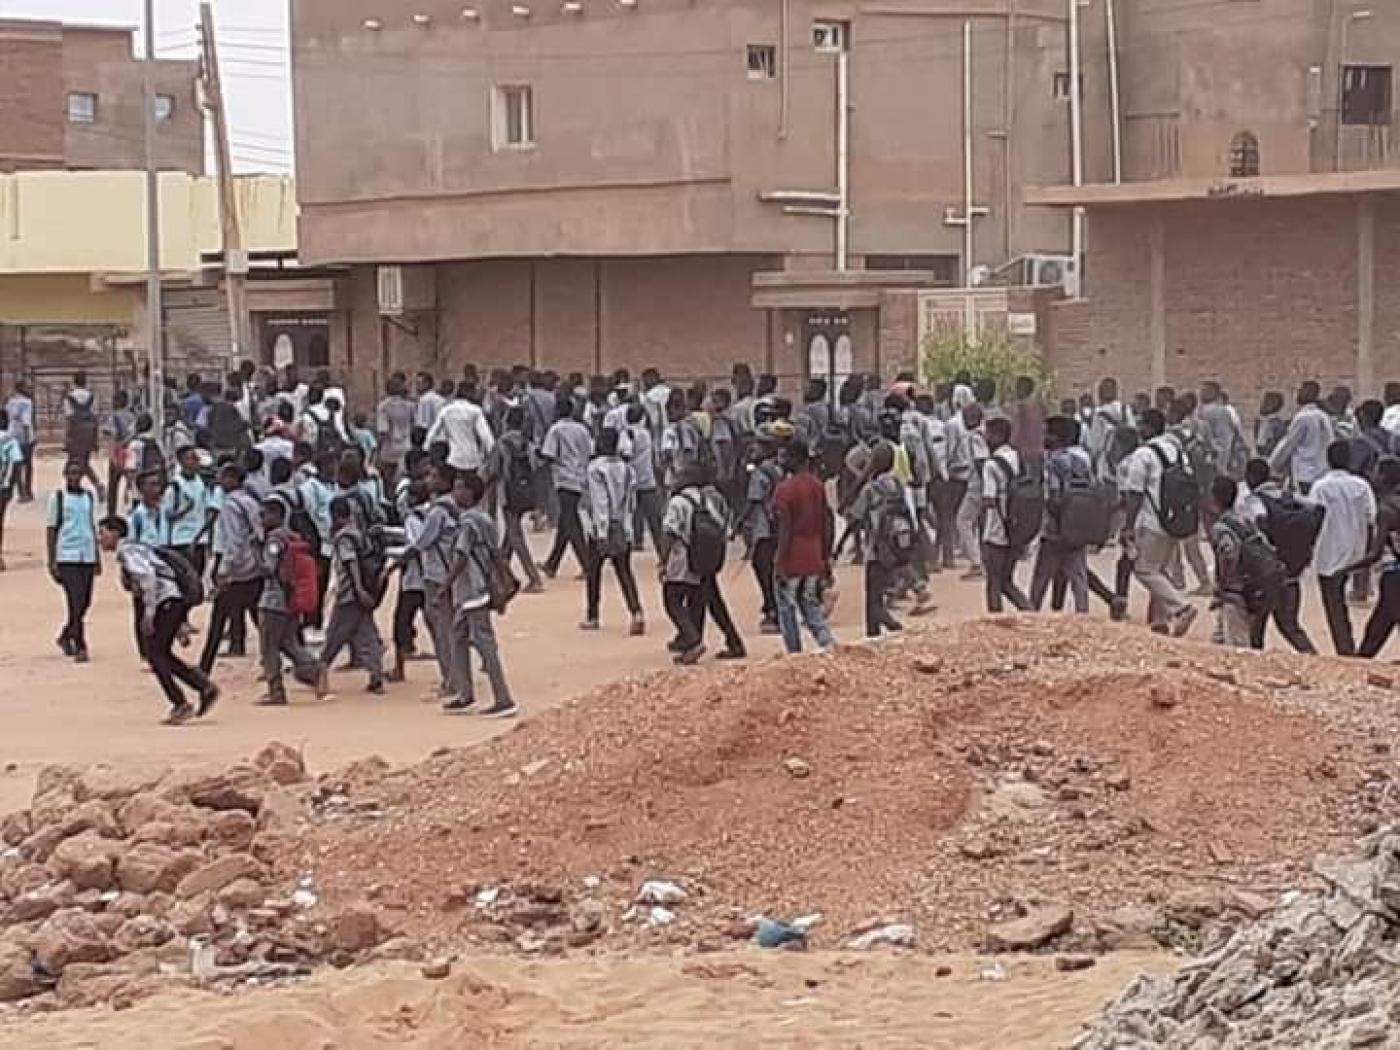 Sudan, 5 Studenti Uccisi A El Obeid. Sospeso Avvio Nuovo Governo